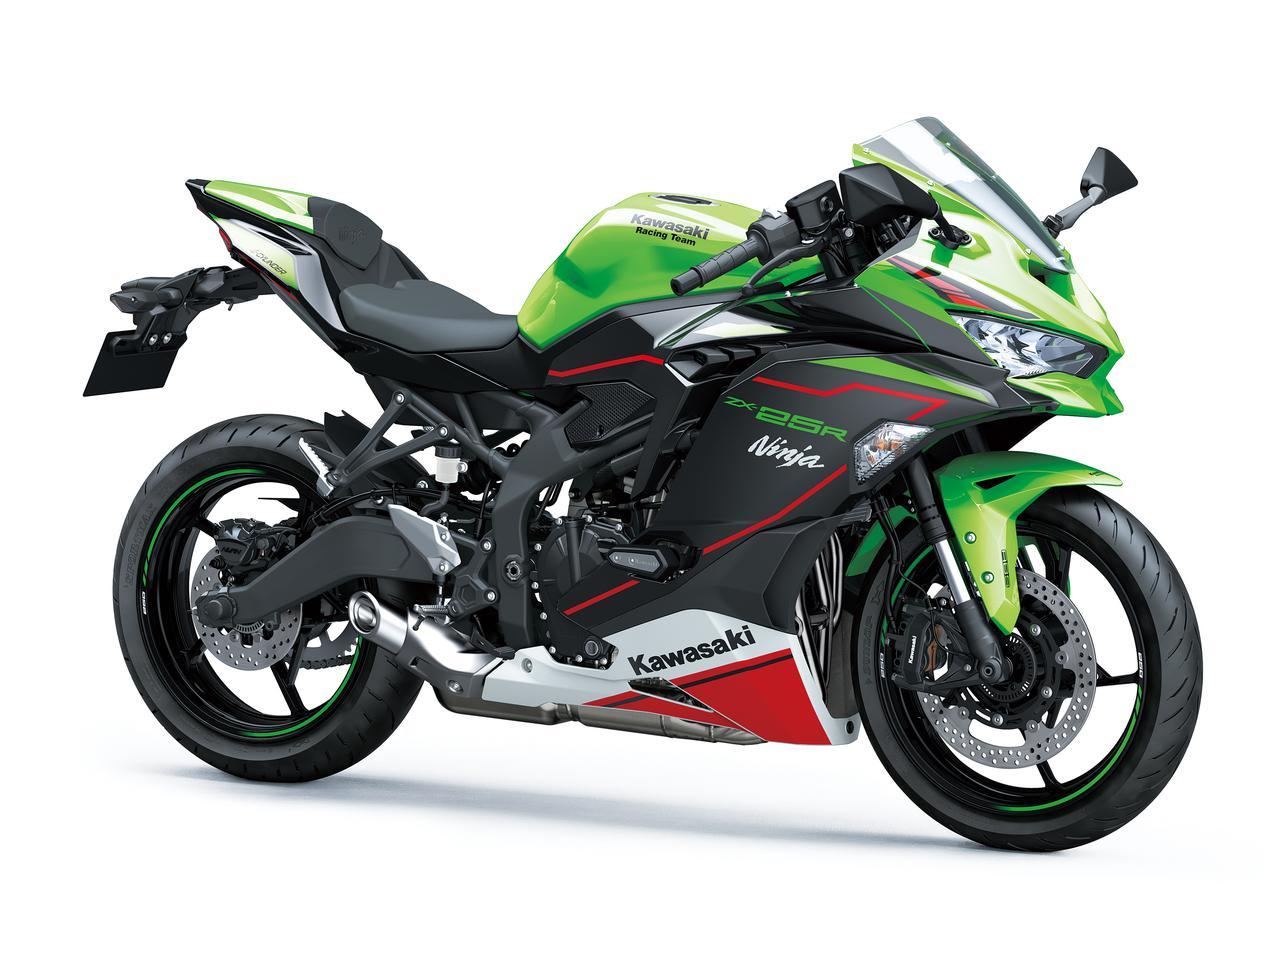 画像3: カワサキが「Ninja ZX-25R」の2022年モデルを発売! 250cc・4気筒スーパースポーツマシンの最新カラーをチェック